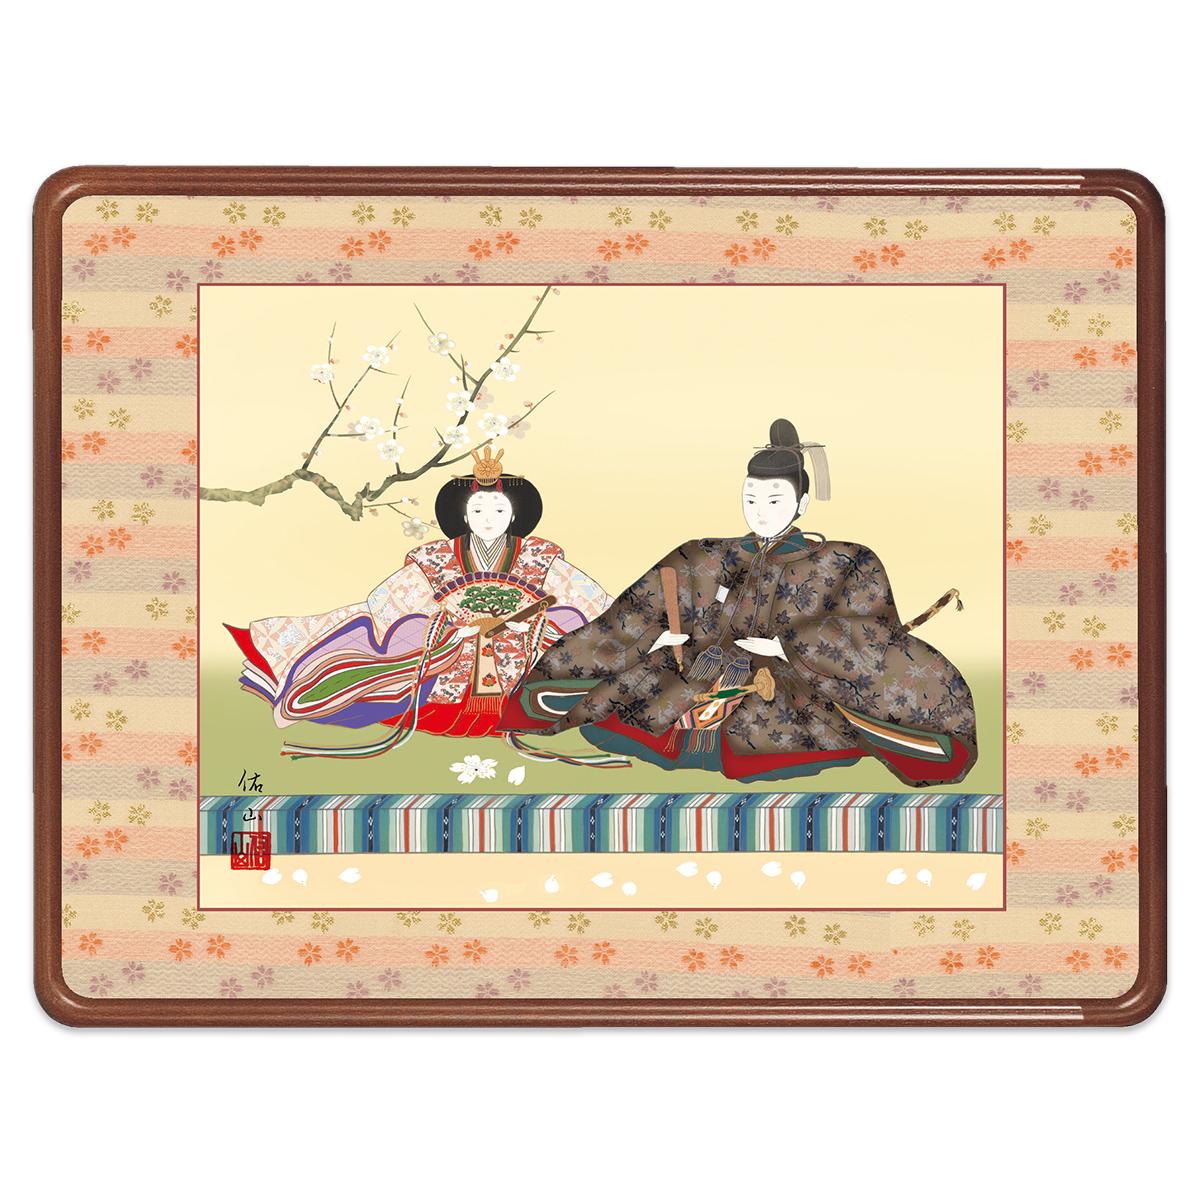 【エントリーで更にポイント10倍!】節句画 最高級女桑額 段雛 奥居佑山 趣粋会 サイズ 幅63cm×高さ48cm 額:天然女桑材 隅丸仕上げ 表装:金襴緞子額表装 アクリルカバー